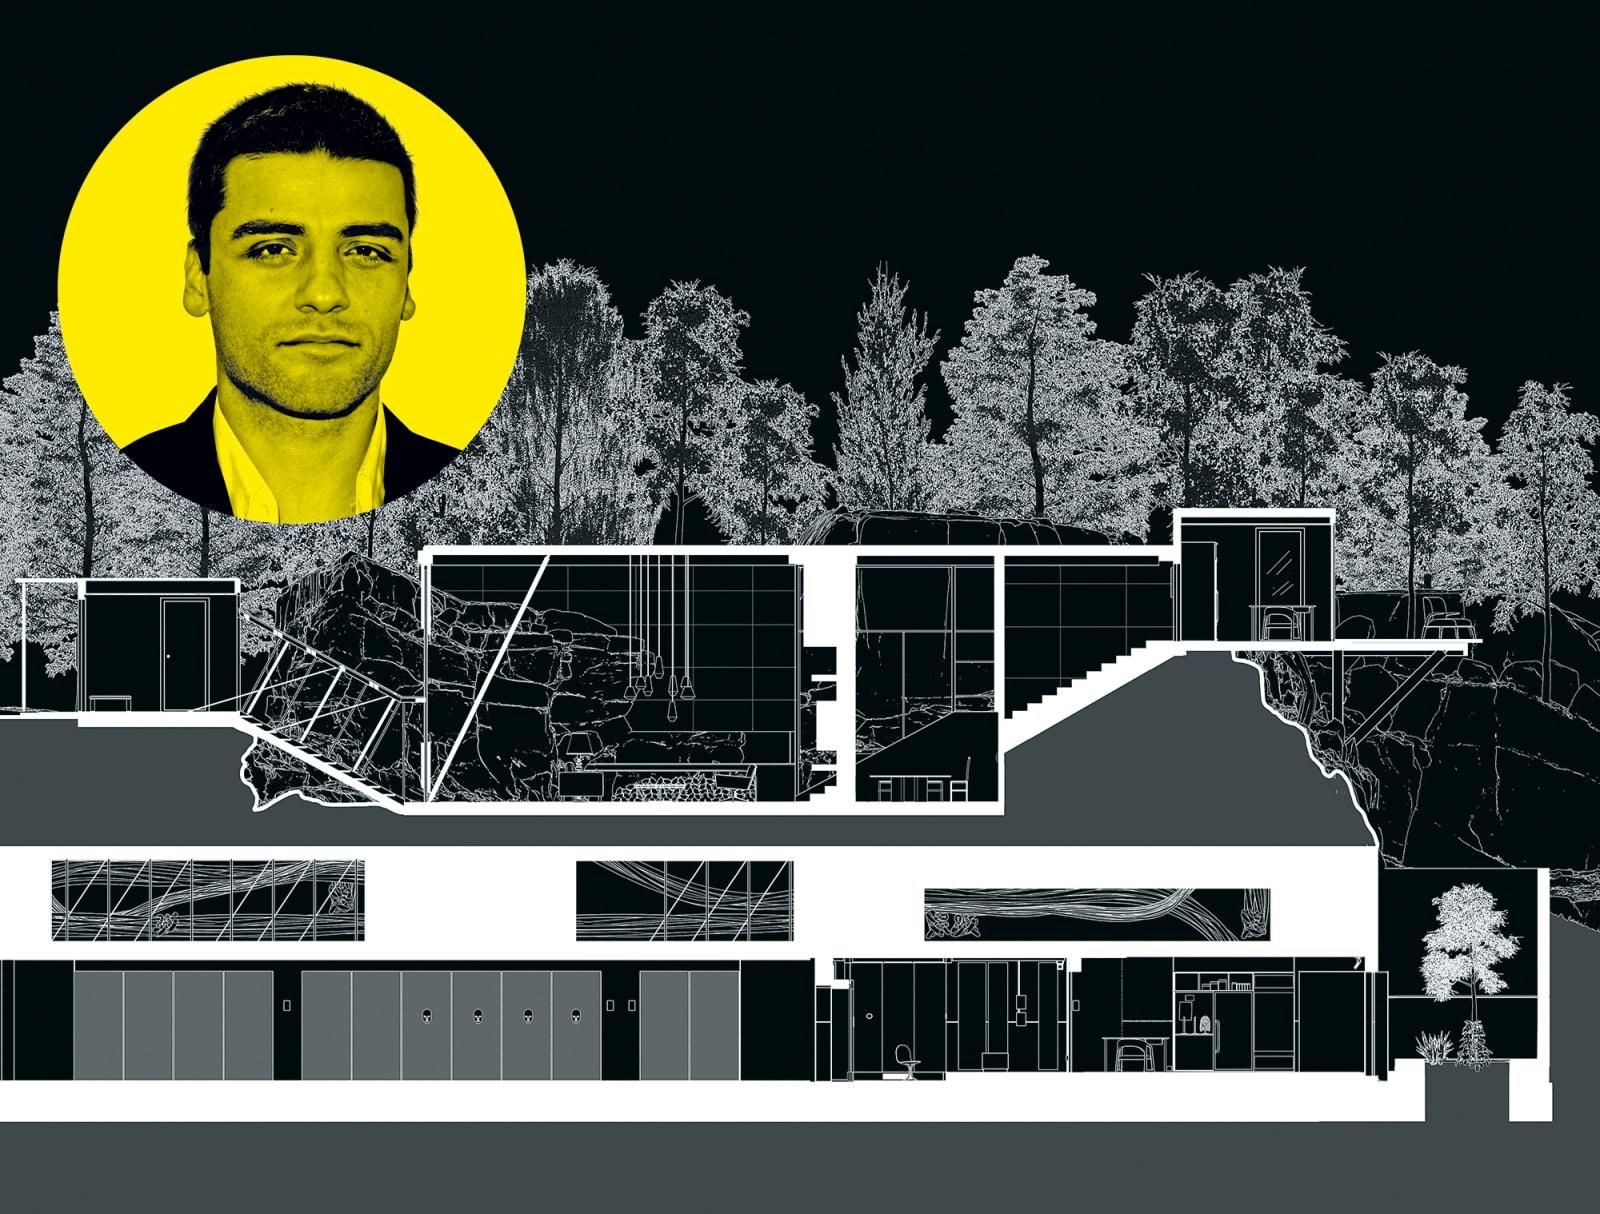 Eine Architekturkritik auf großer Leinwand